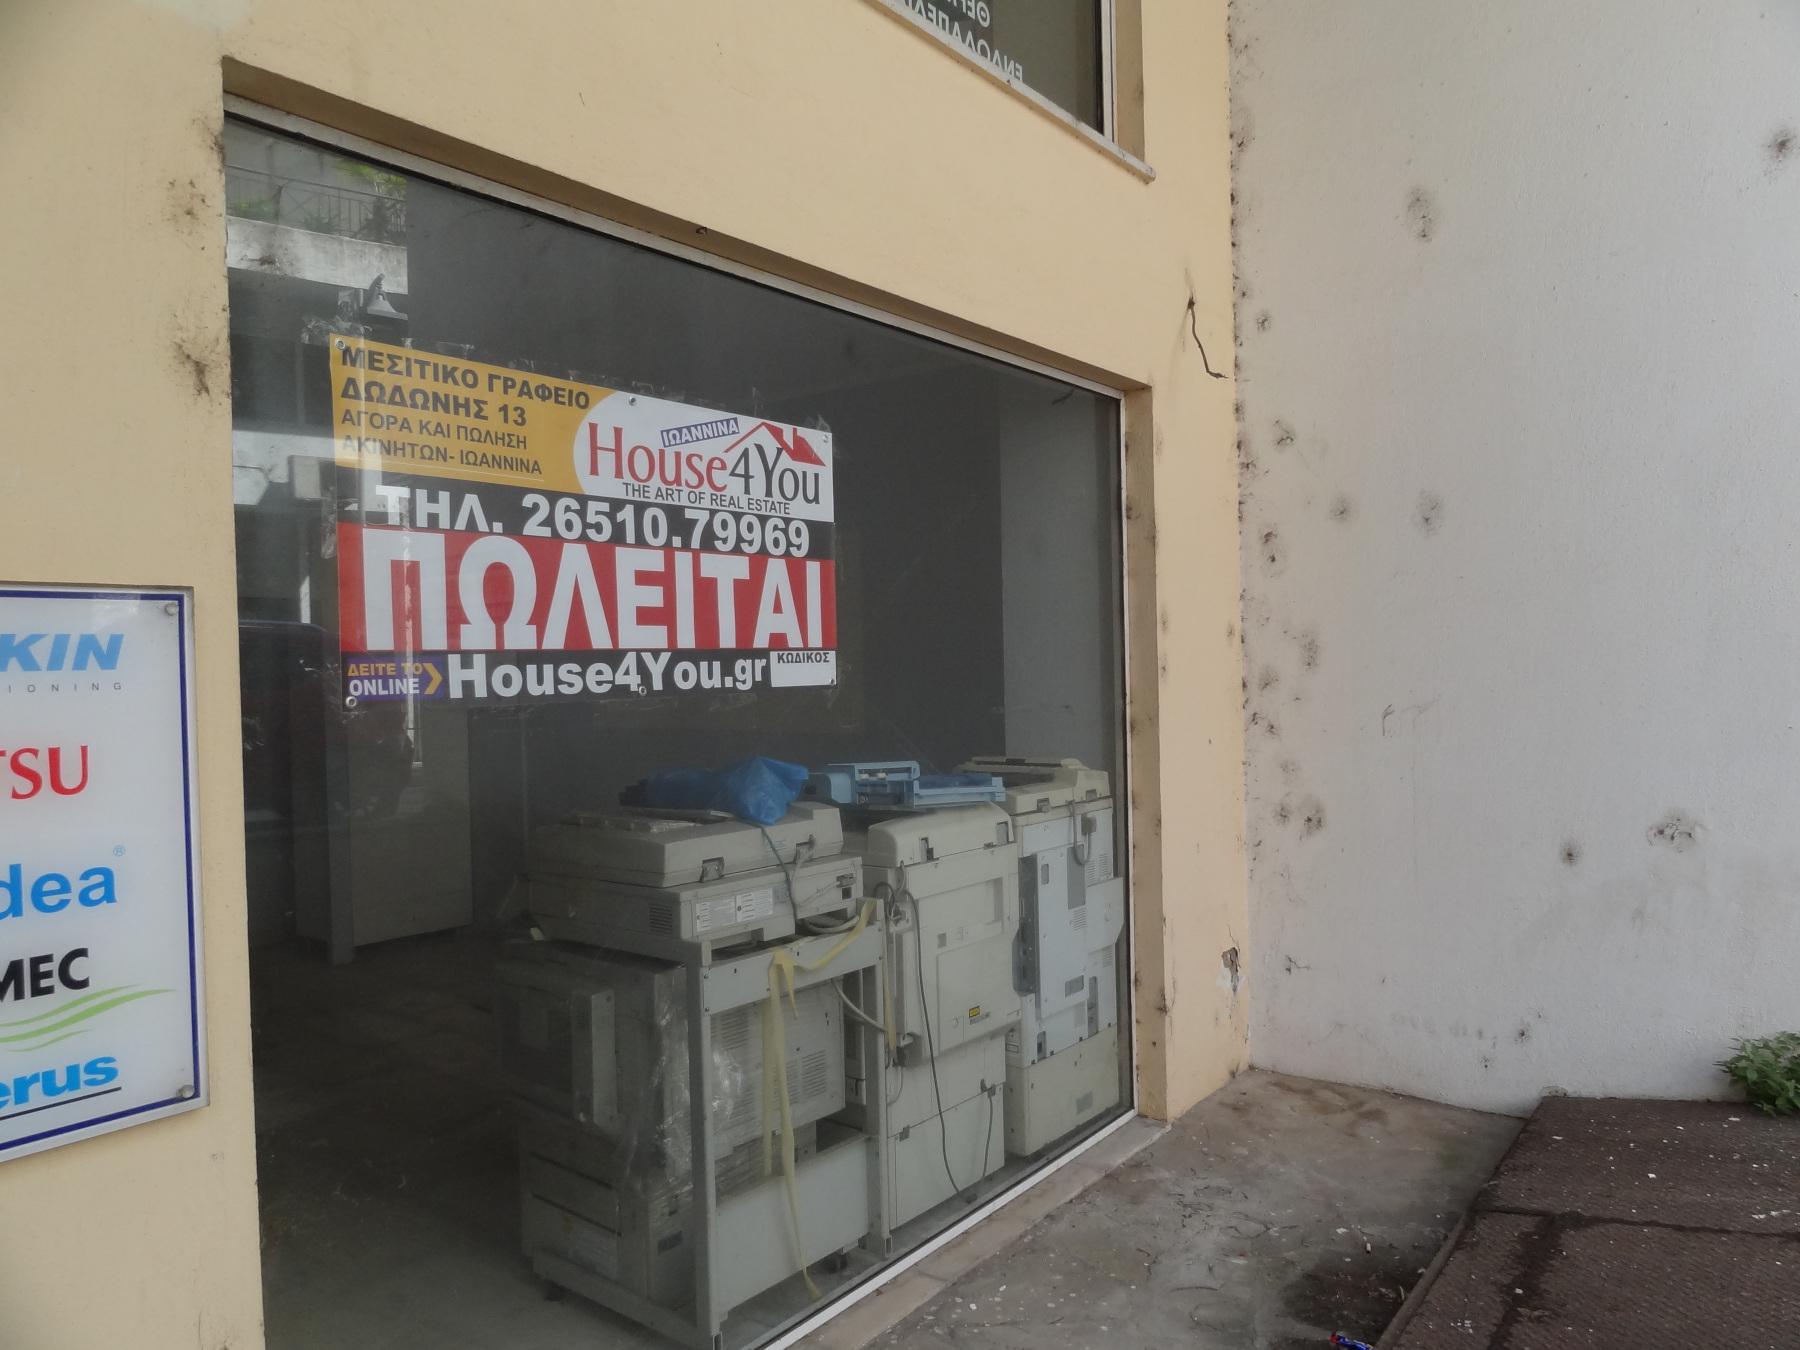 Πωλείται επαγγελματικός χώρος συνολικής επιφάνειας 74 τ.μ. επί της Κουγκίου κοντά στο δικαστικό μέγαρο στα Ιωάννινα